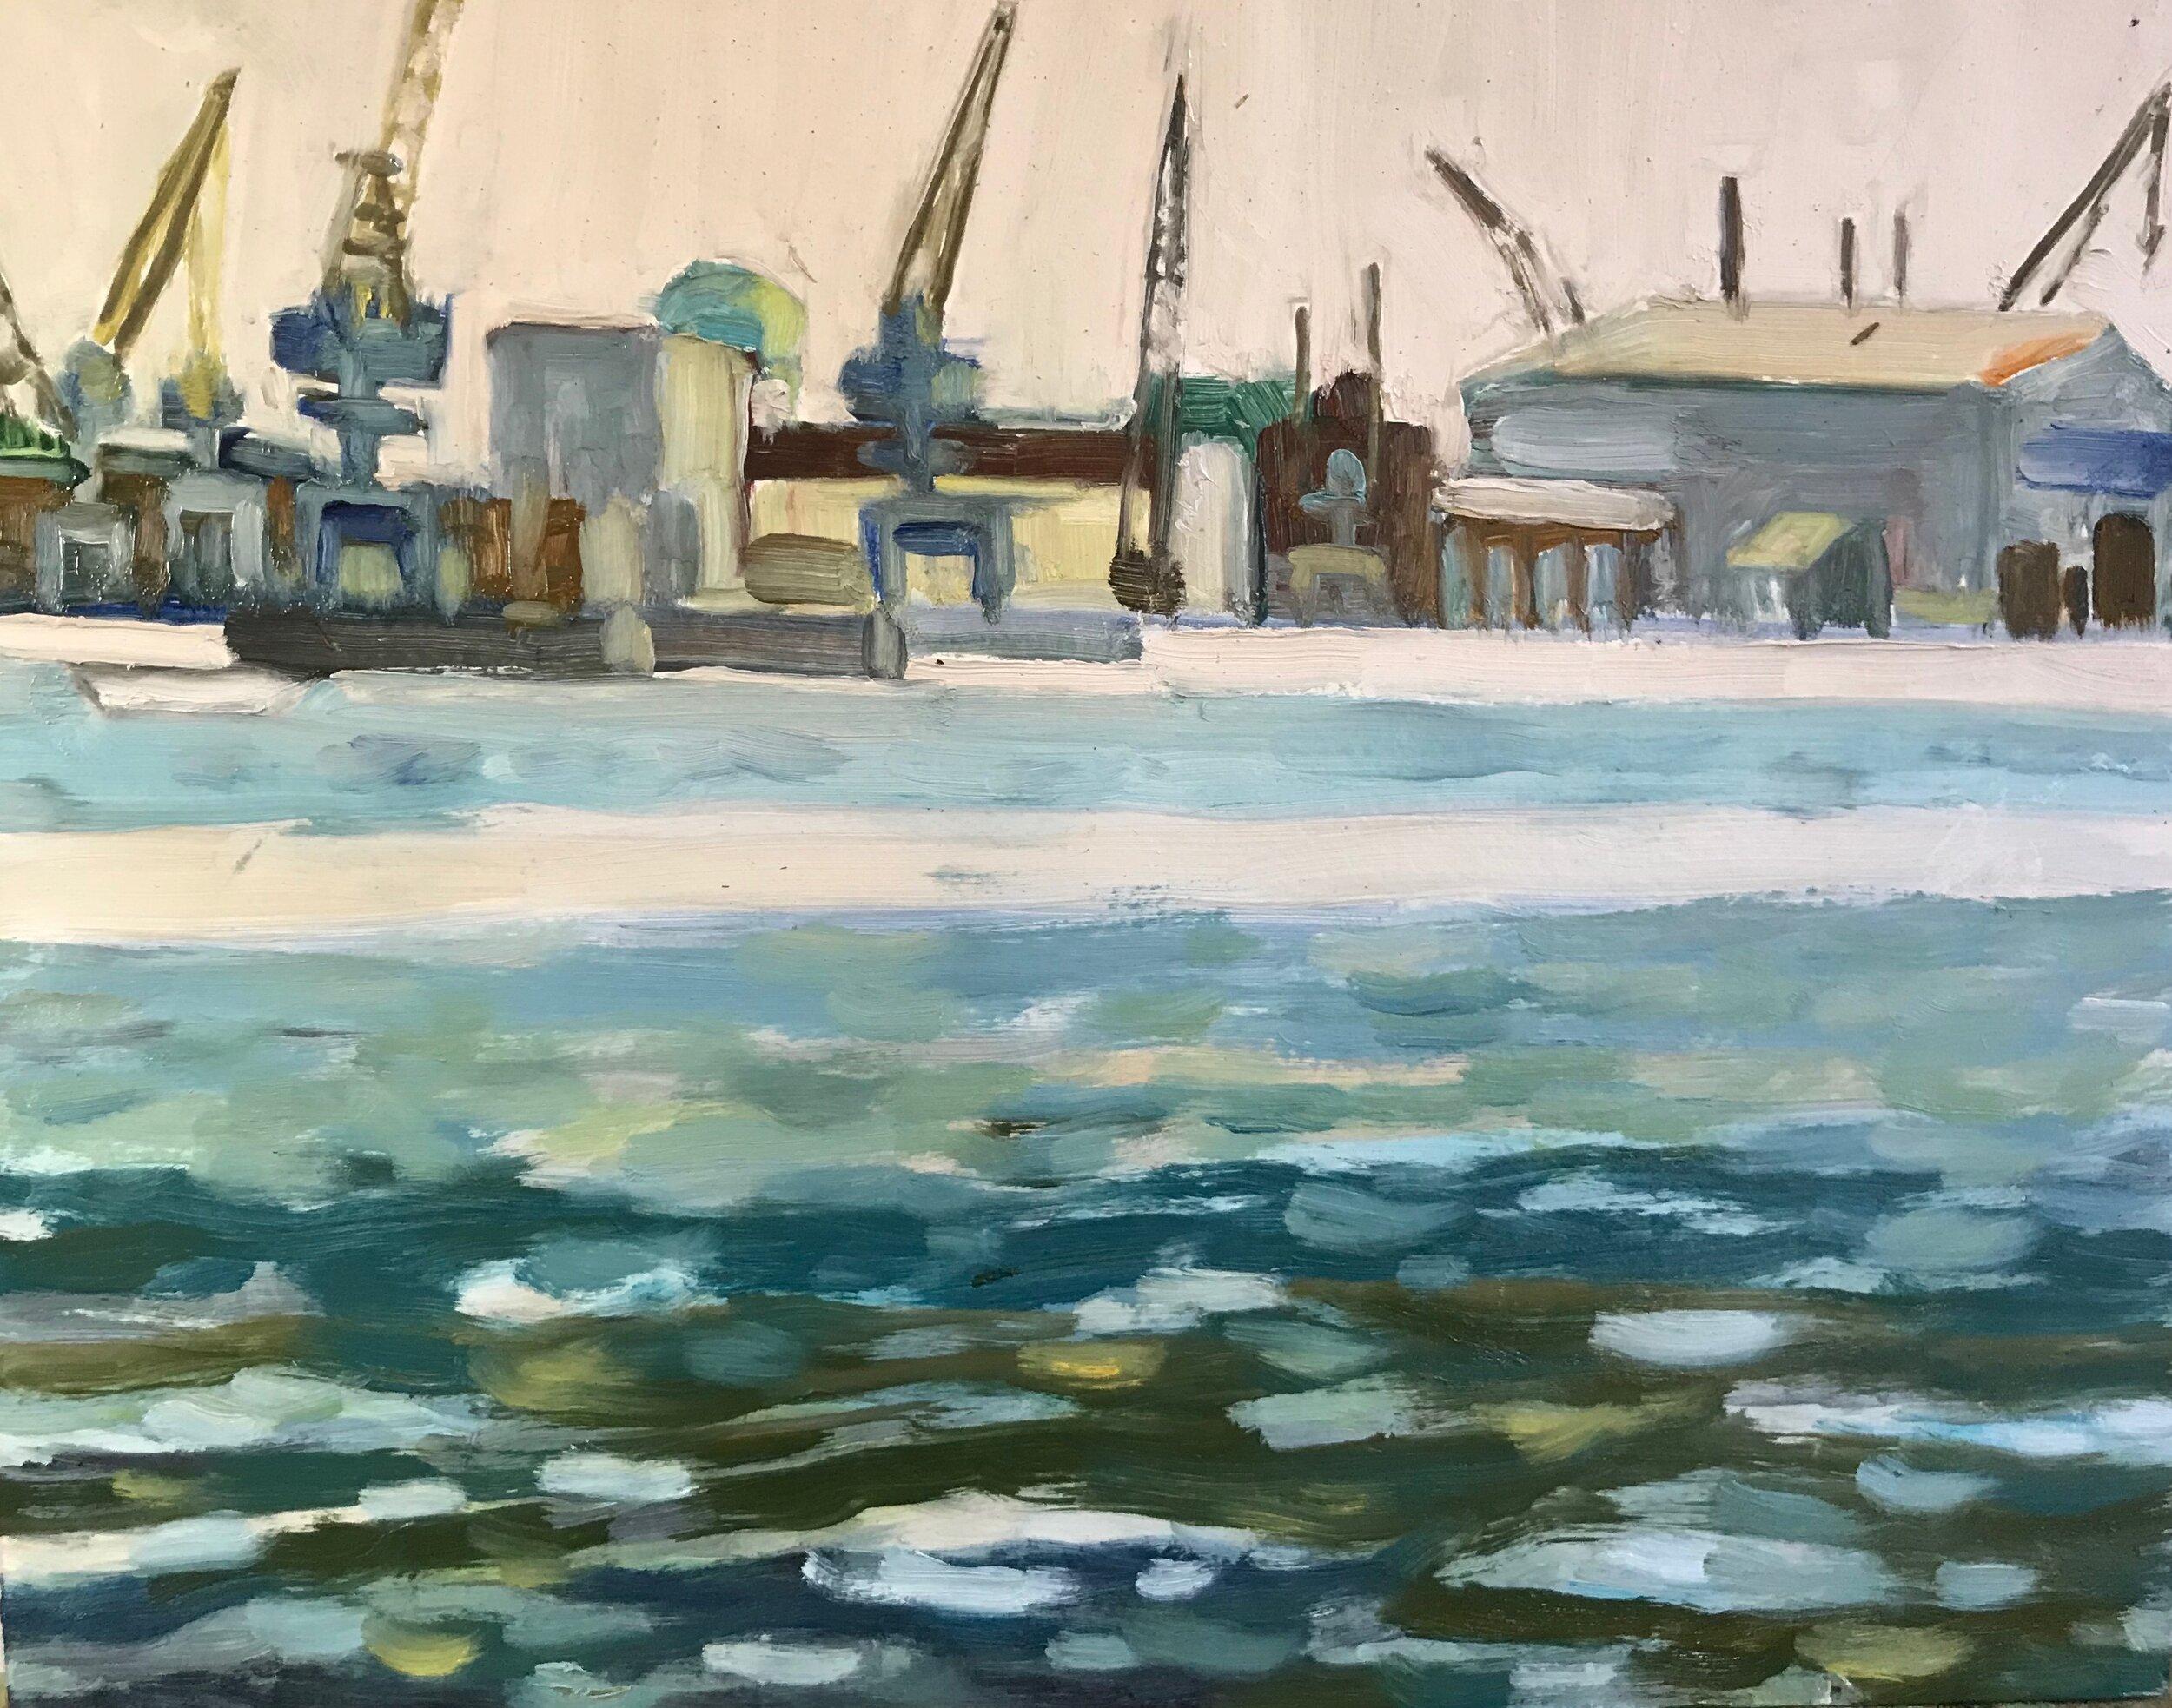 Morning Shift, Shipyard , oils, 11 x 14